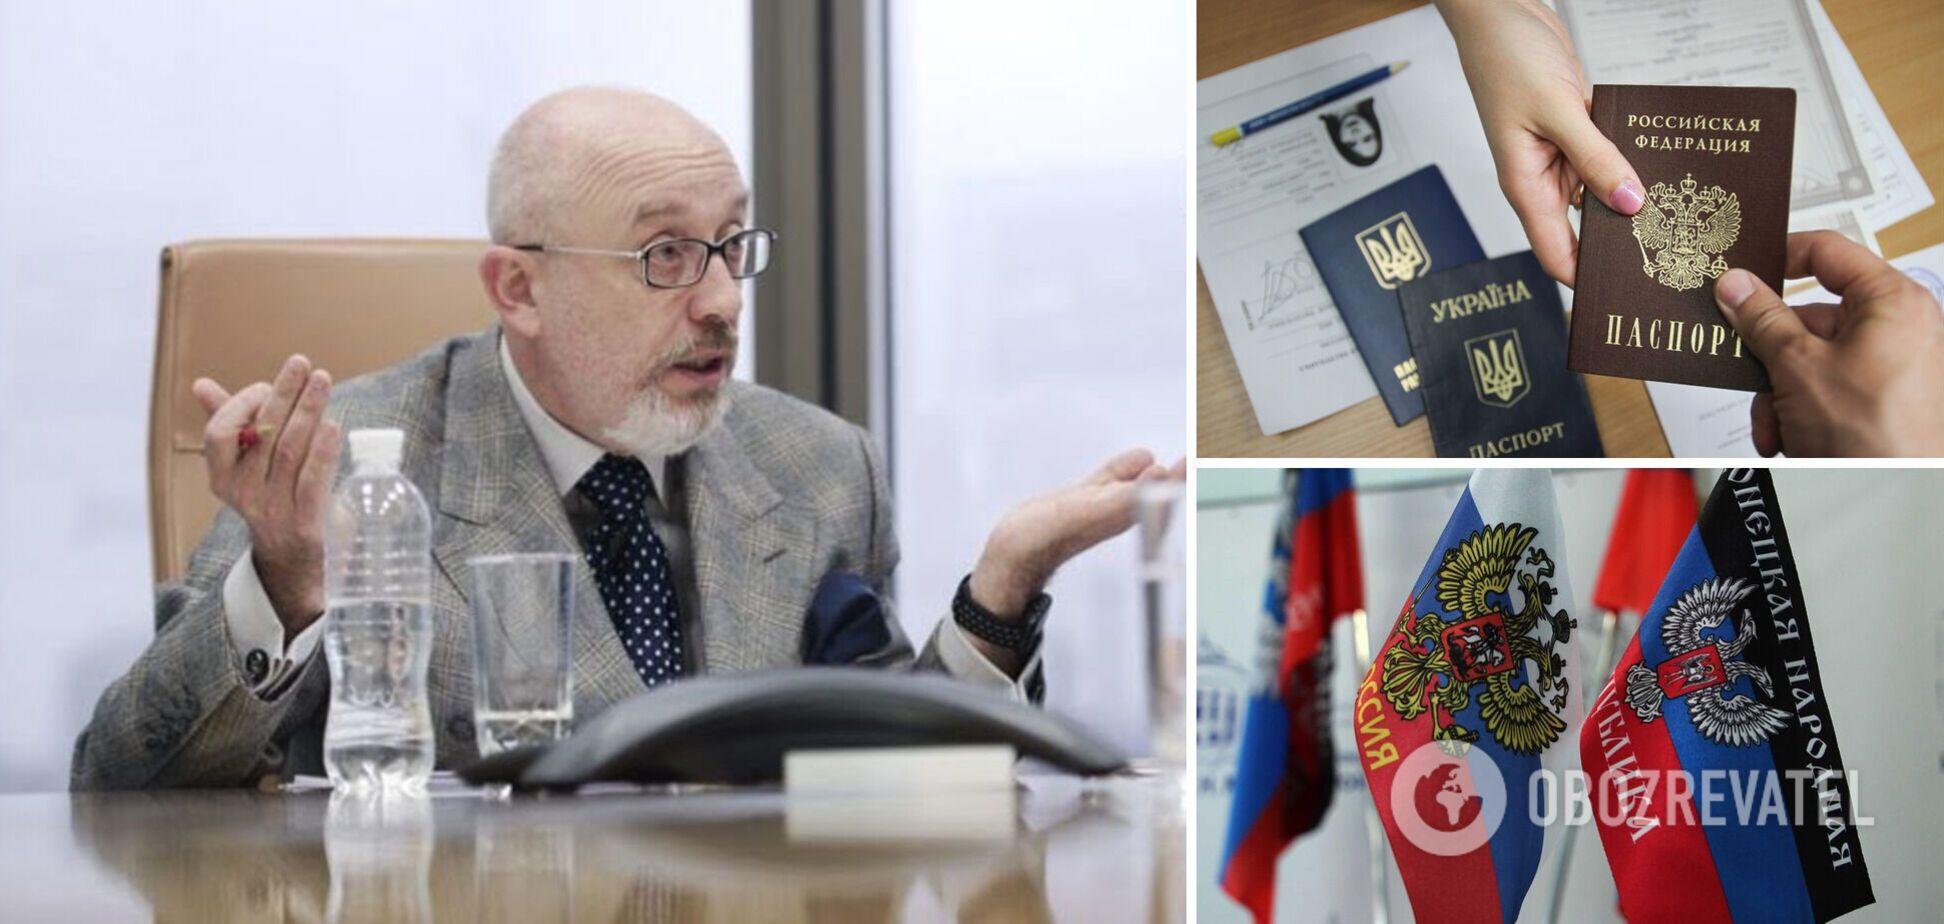 Резников высказался о раздаче российских паспортов на Донбассе